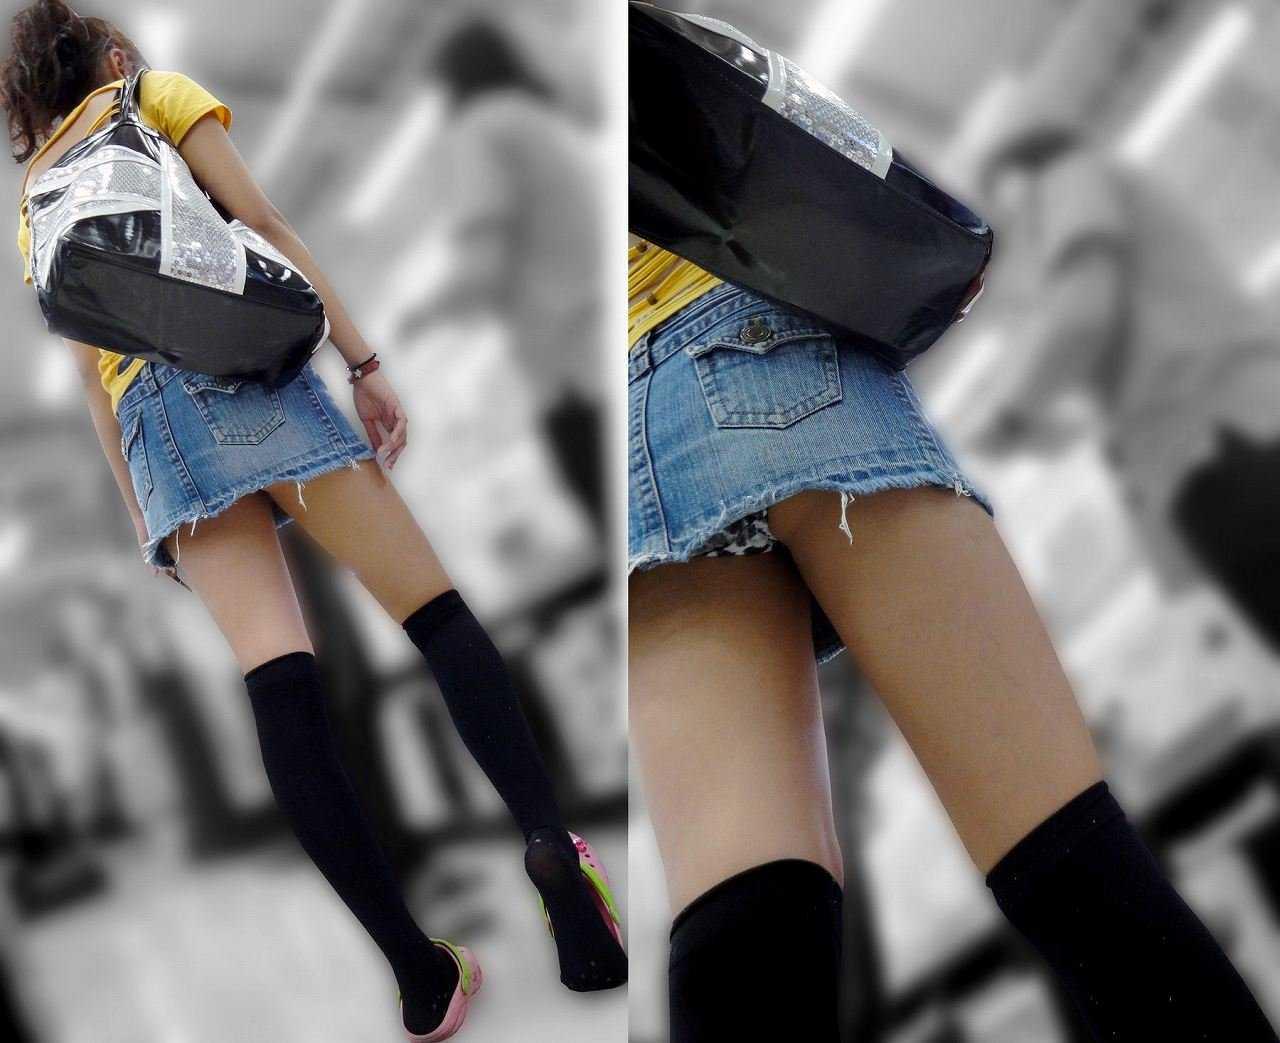 スカートが短すぎて下着が丸見え (16)